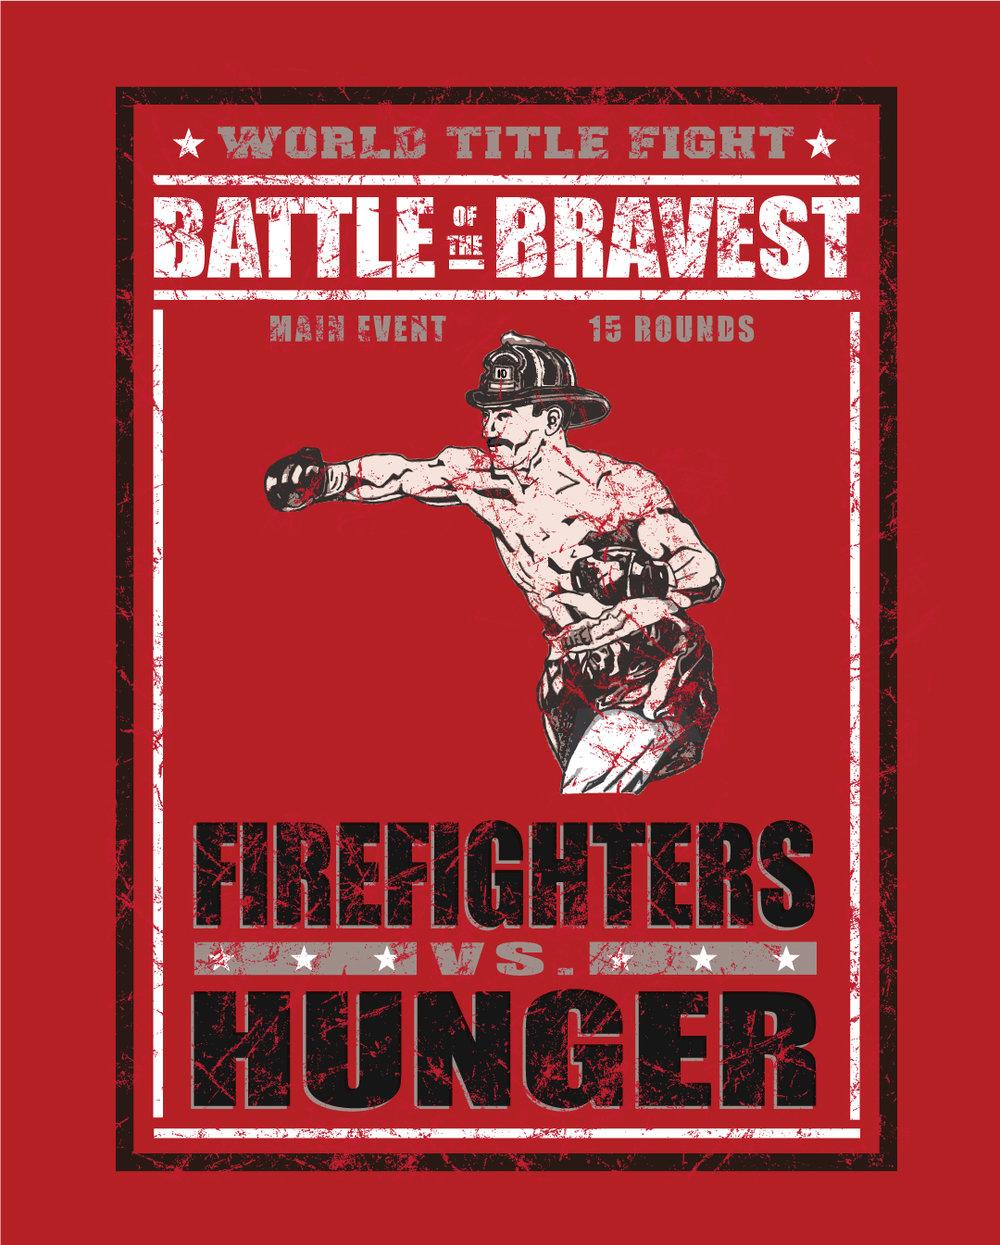 Firefighters vs Hunger